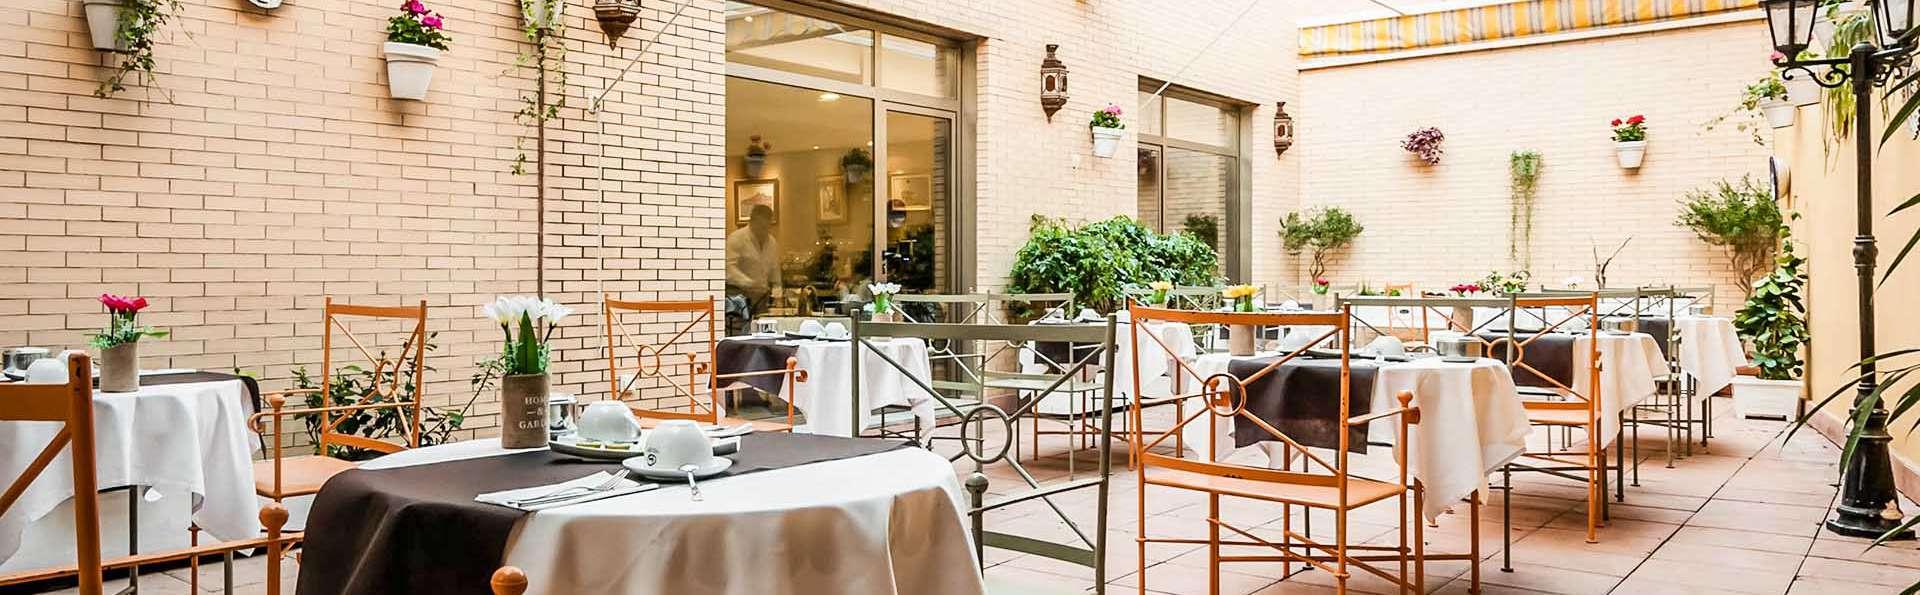 Avenida Hotel Almería - EDIT_HotelAvenida-Patio_01.jpg